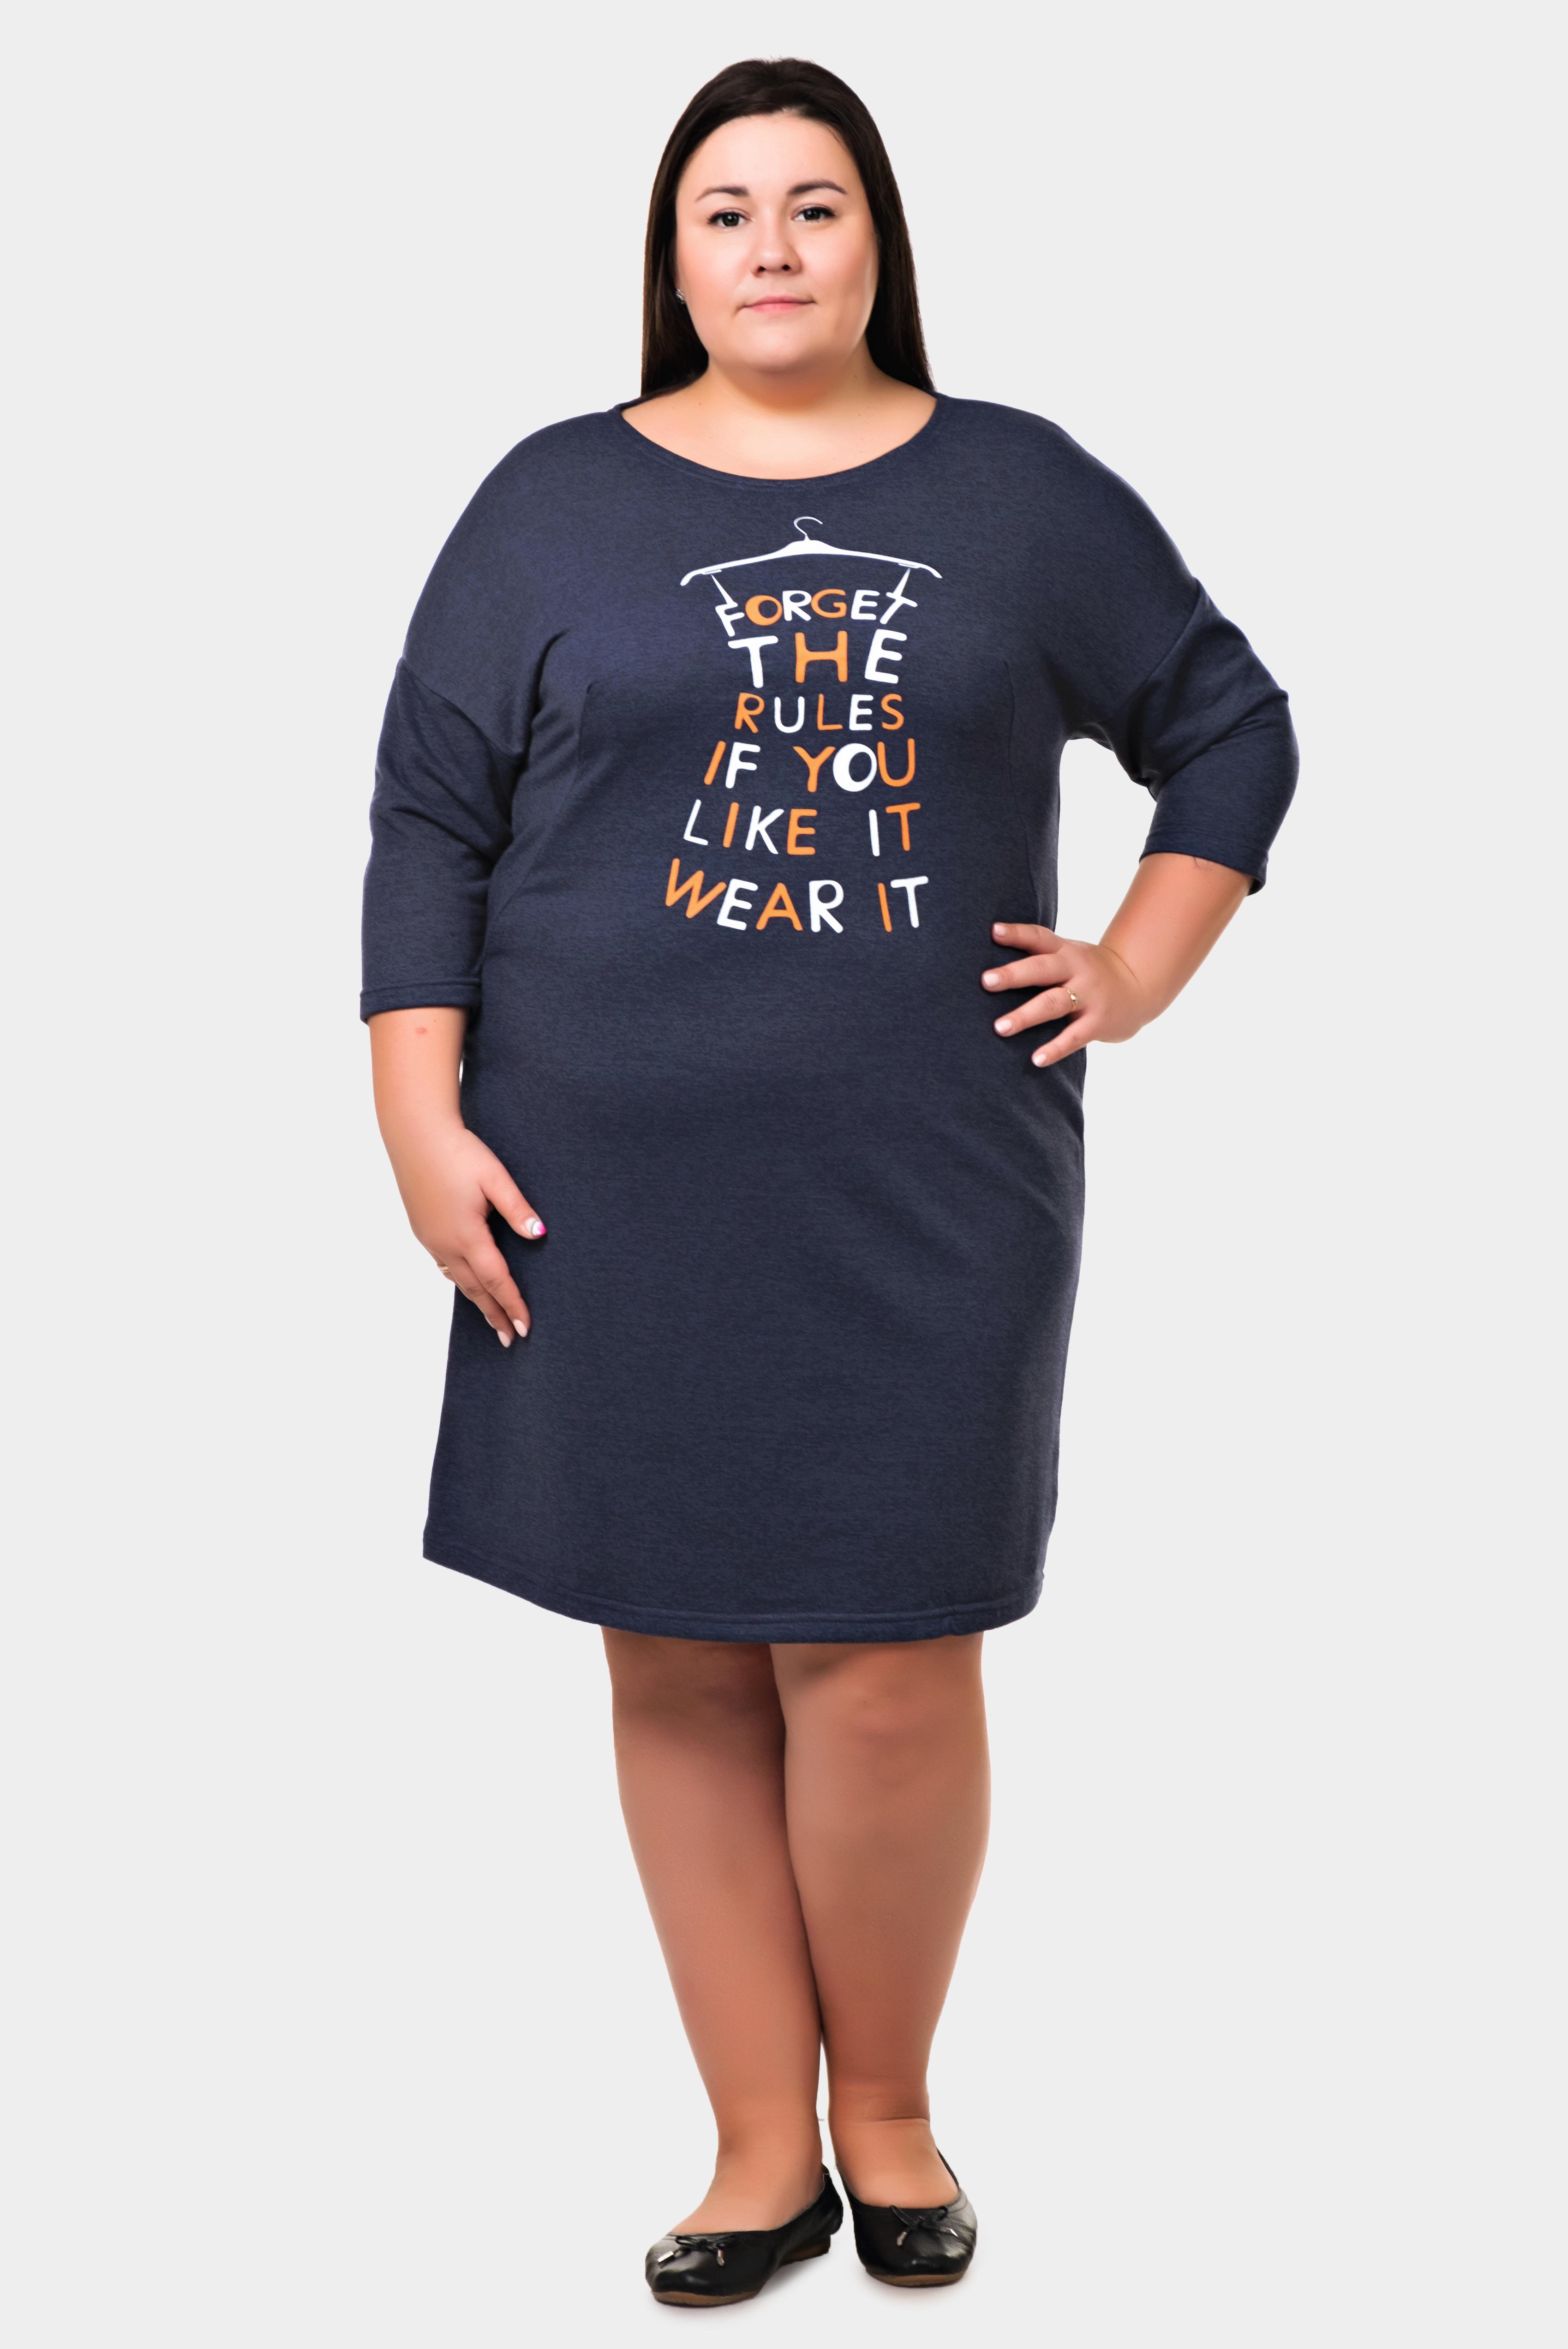 Изображение: Платье теплое темно-синее